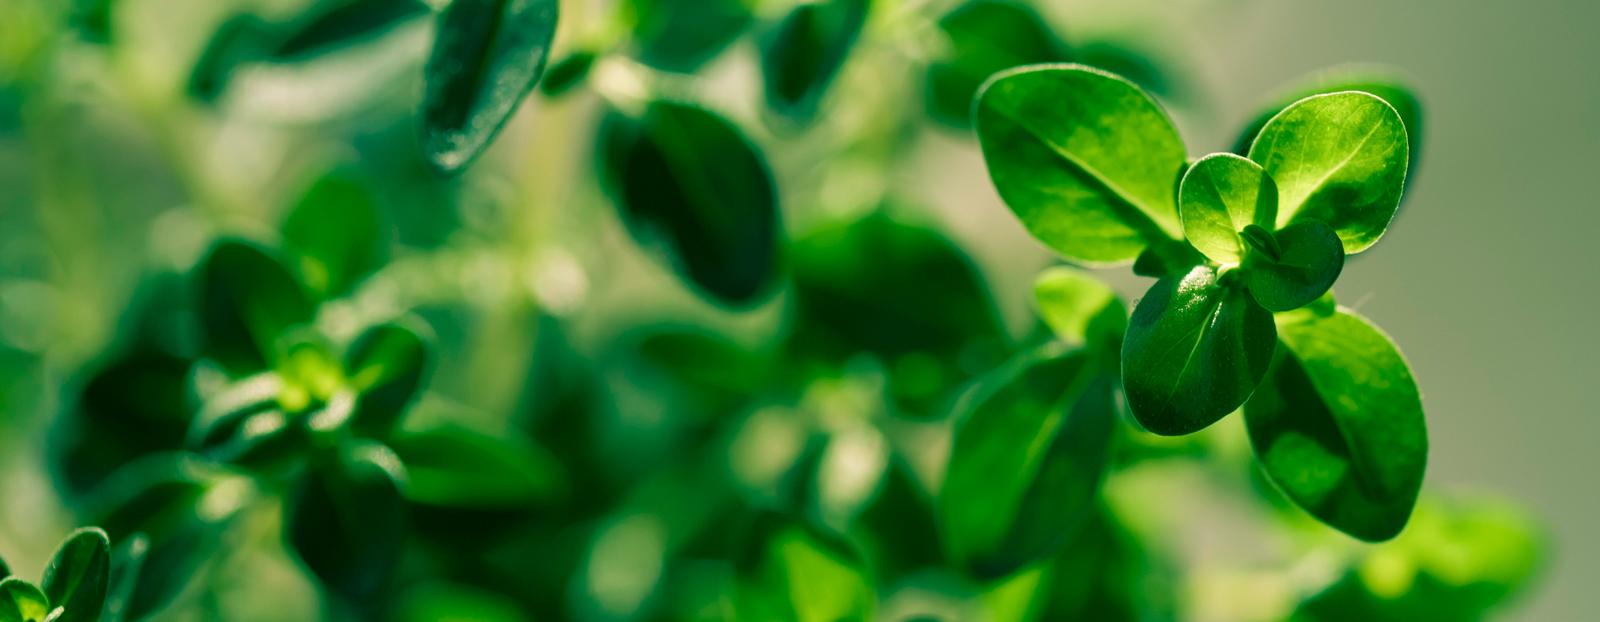 Lemon thyme in its natural habitat